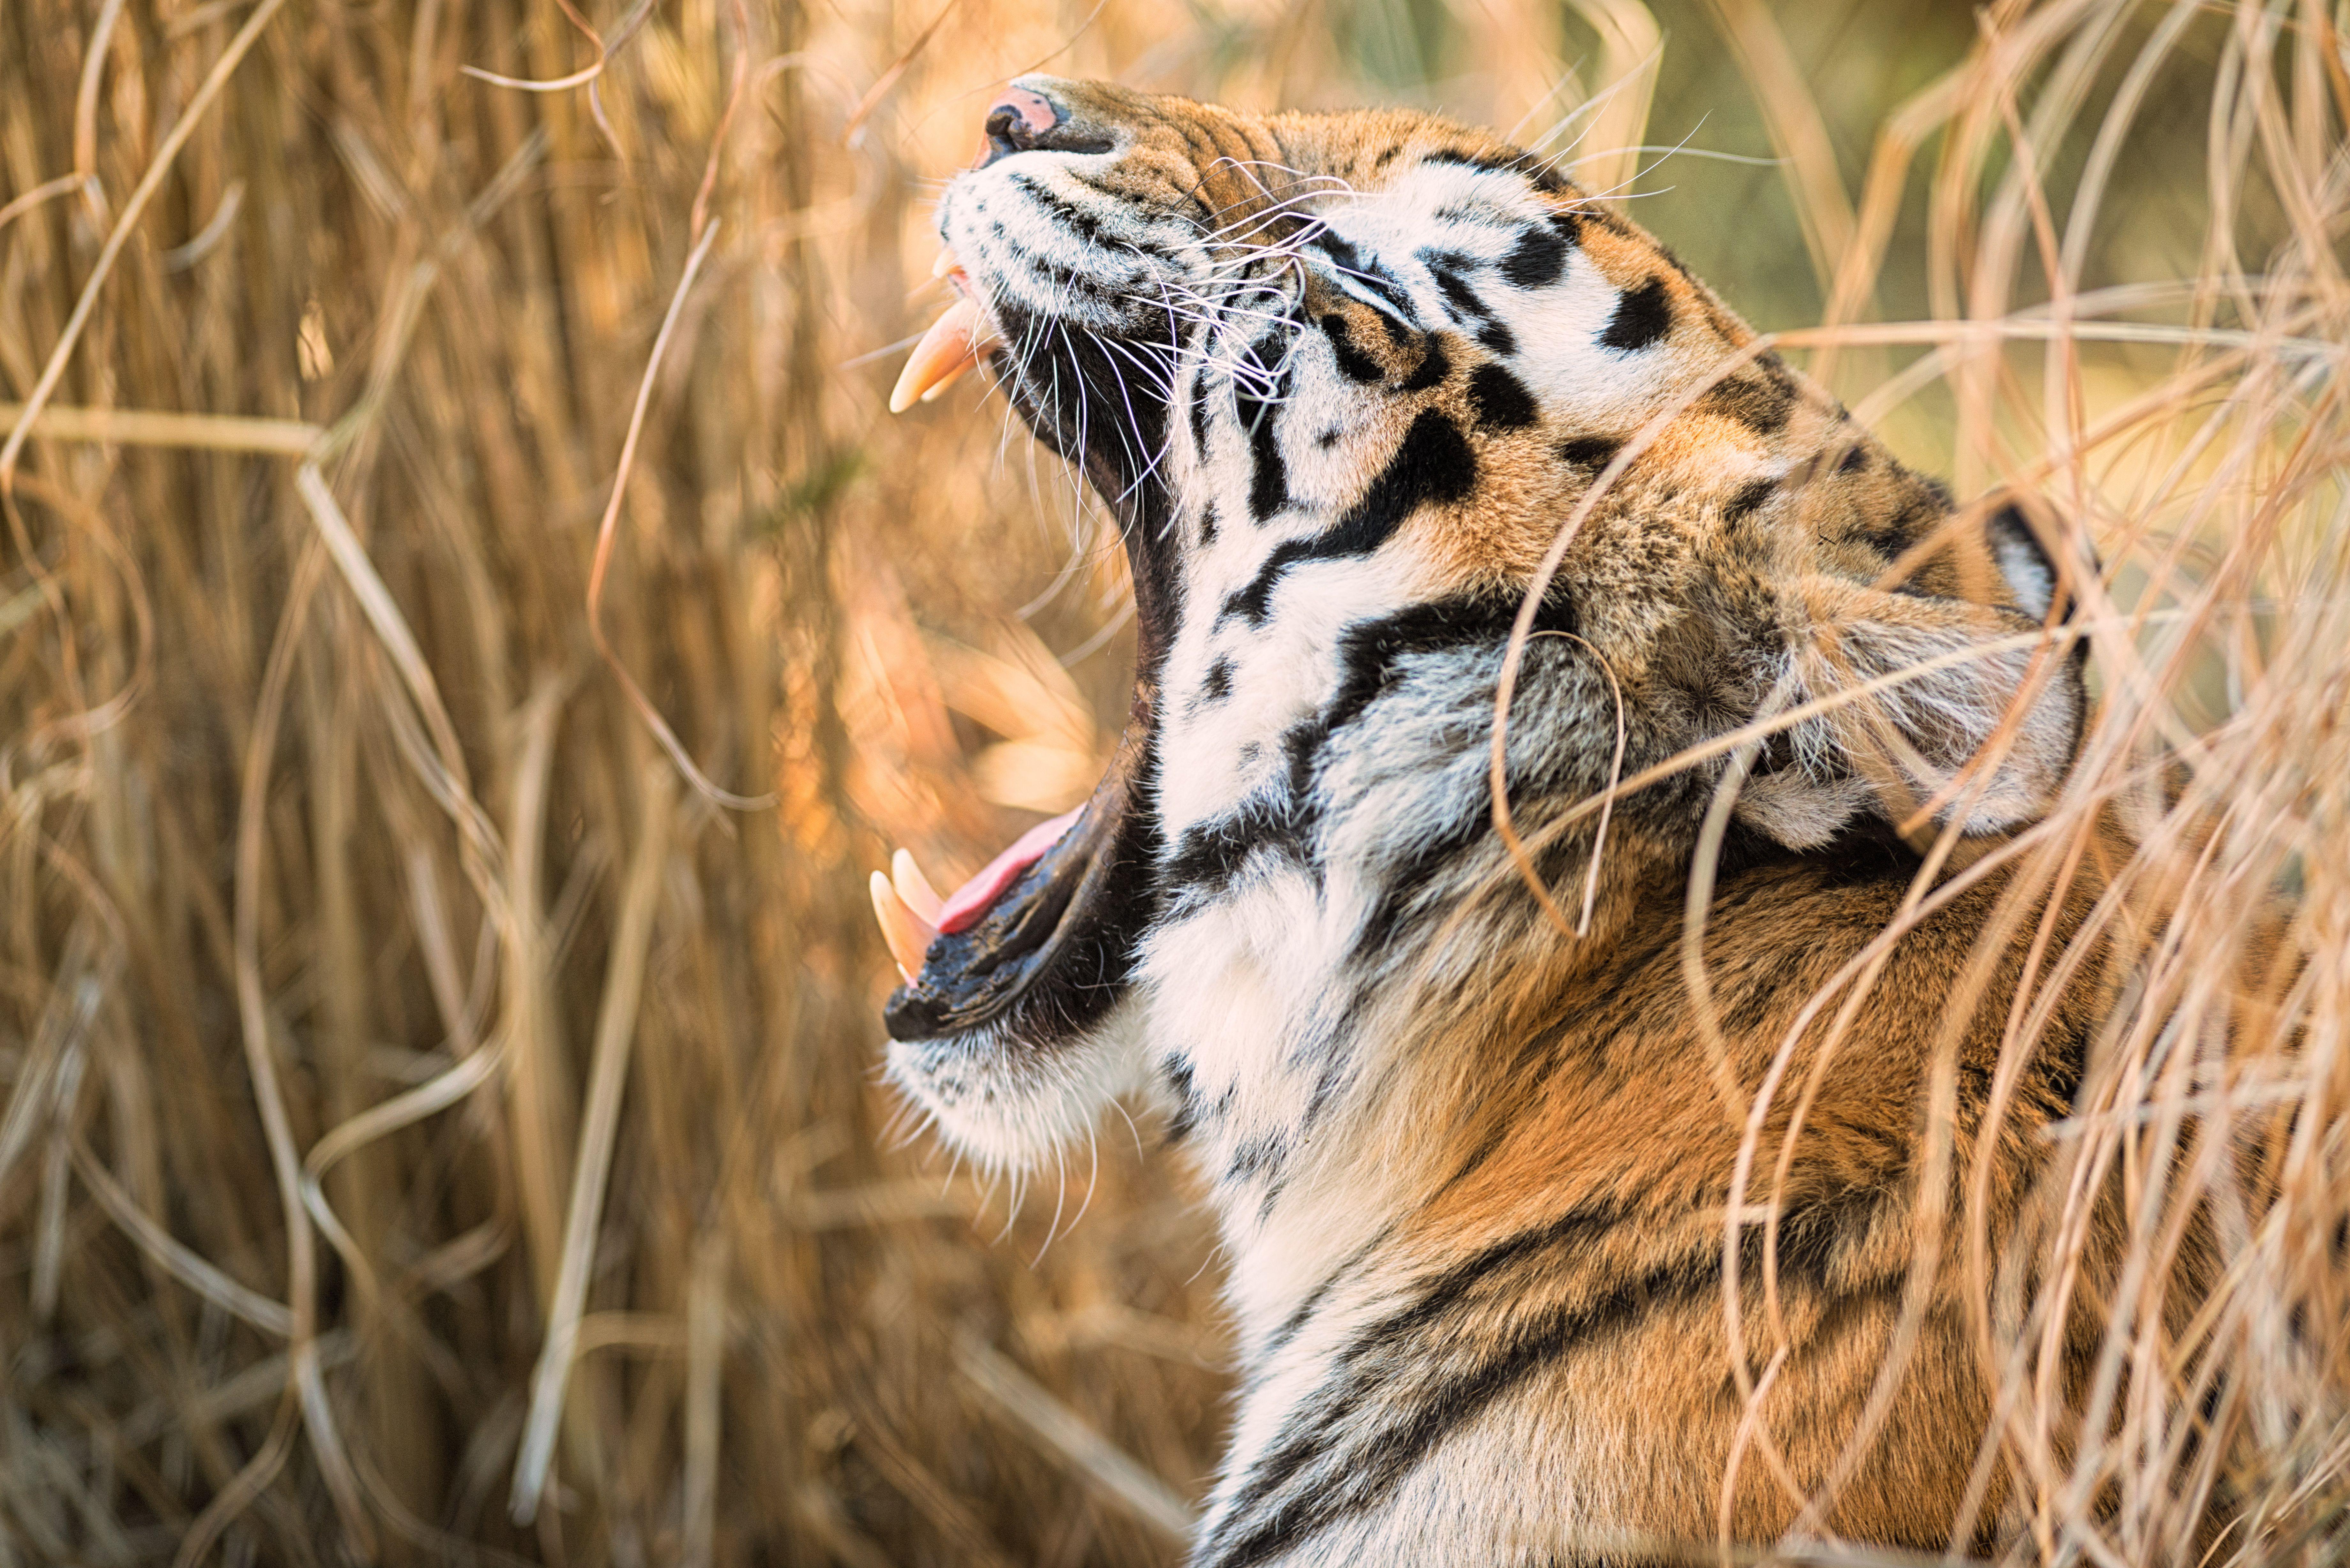 Fondos de pantalla Tigre rugiendo